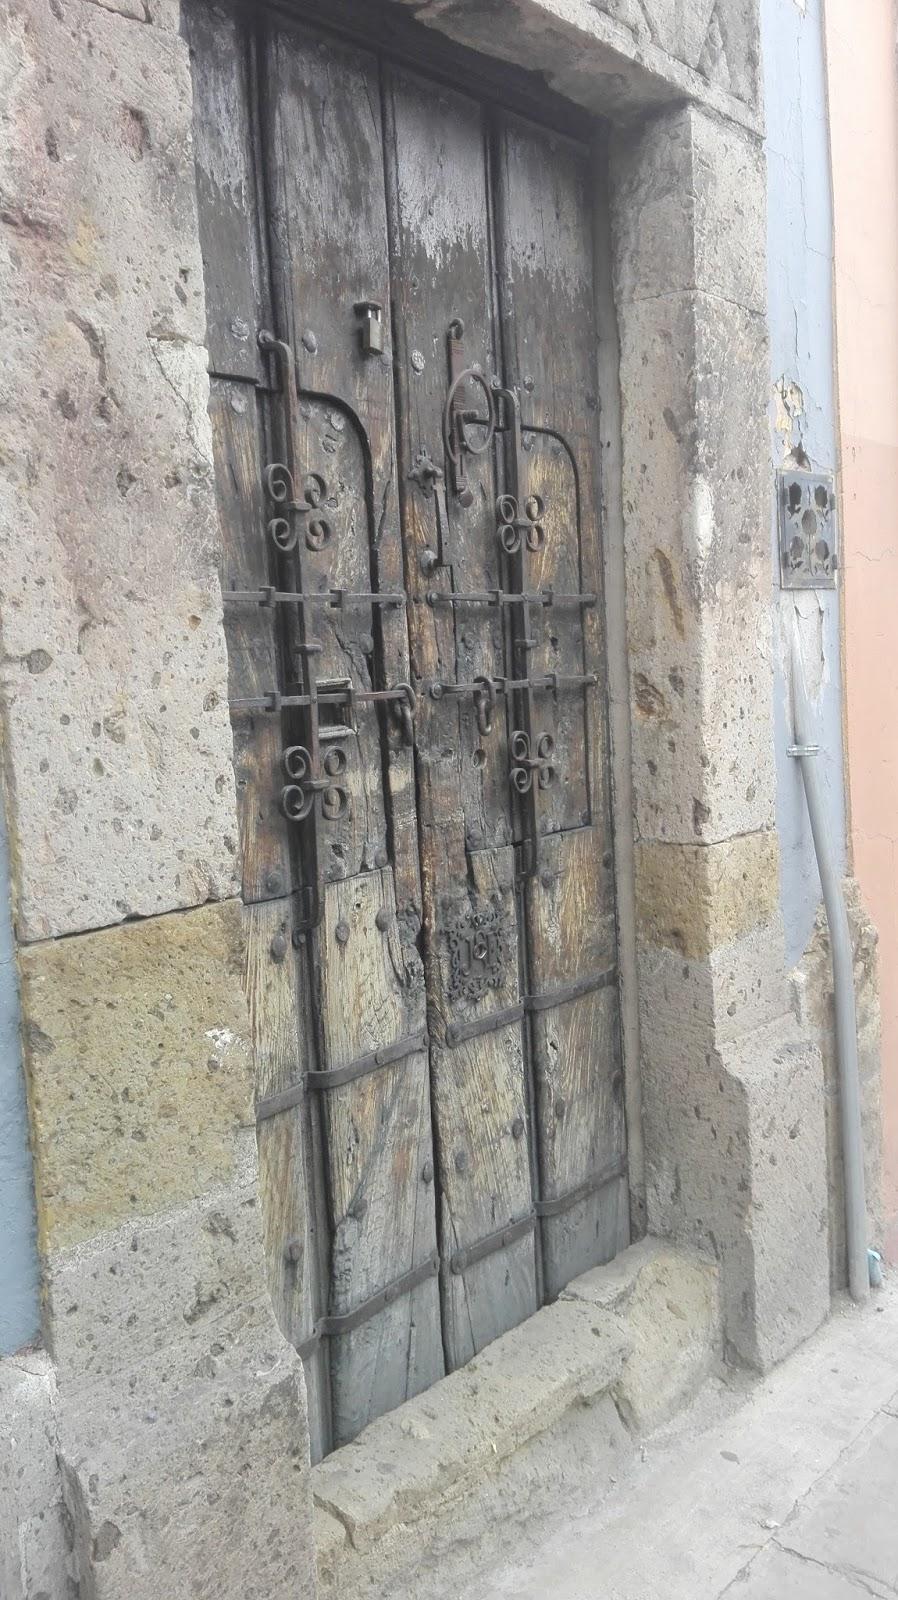 la ciudad de guadalajara jalisco tiene restos de la arquitectura francesa y puertas con hechas de artesanos desnocidos algunas fachadas se han salvado y - Puertas Antiguas De Madera